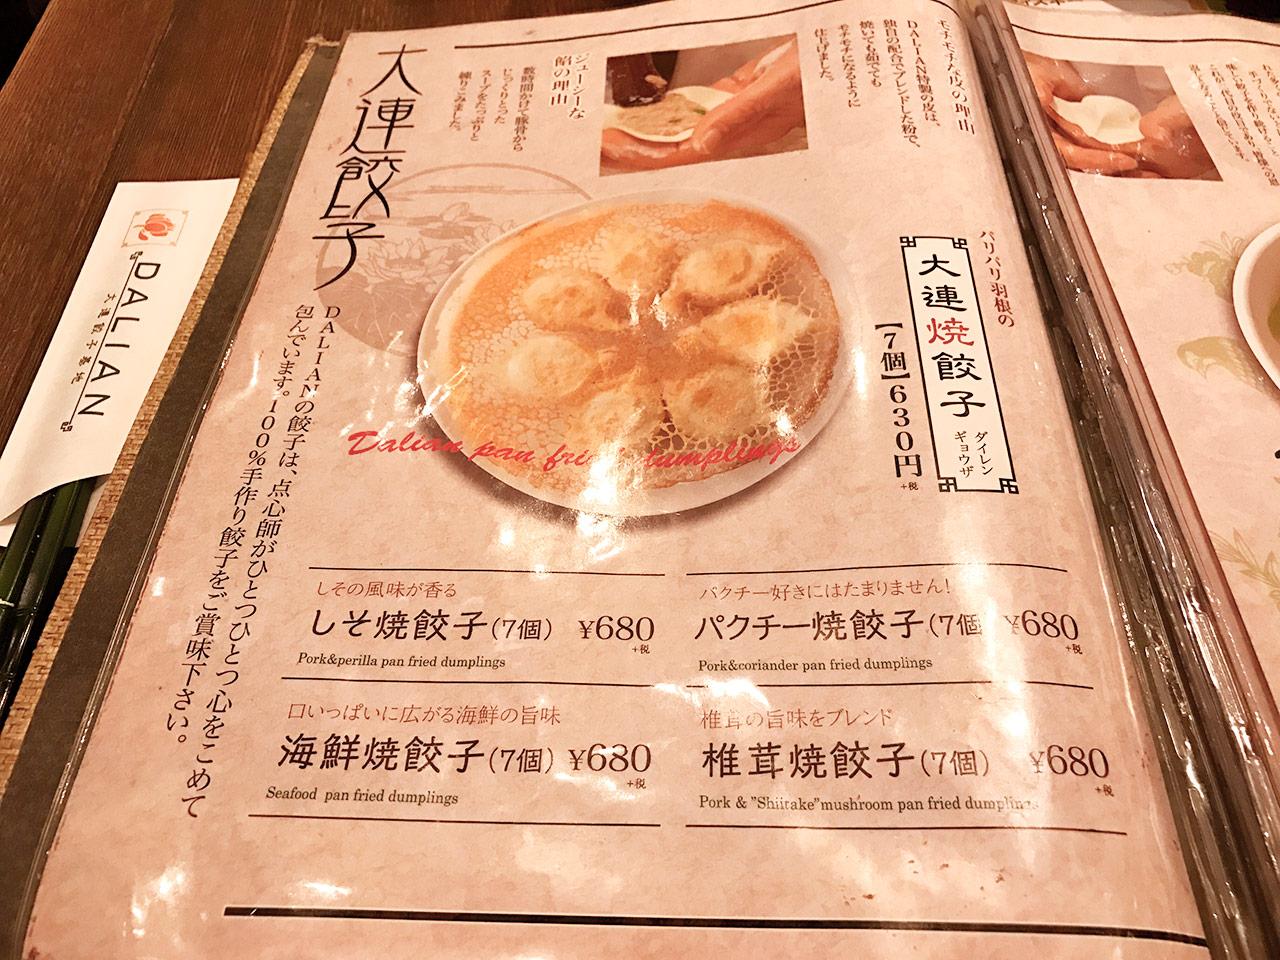 麻布十番「ダリアン」の大連焼き餃子のメニュー